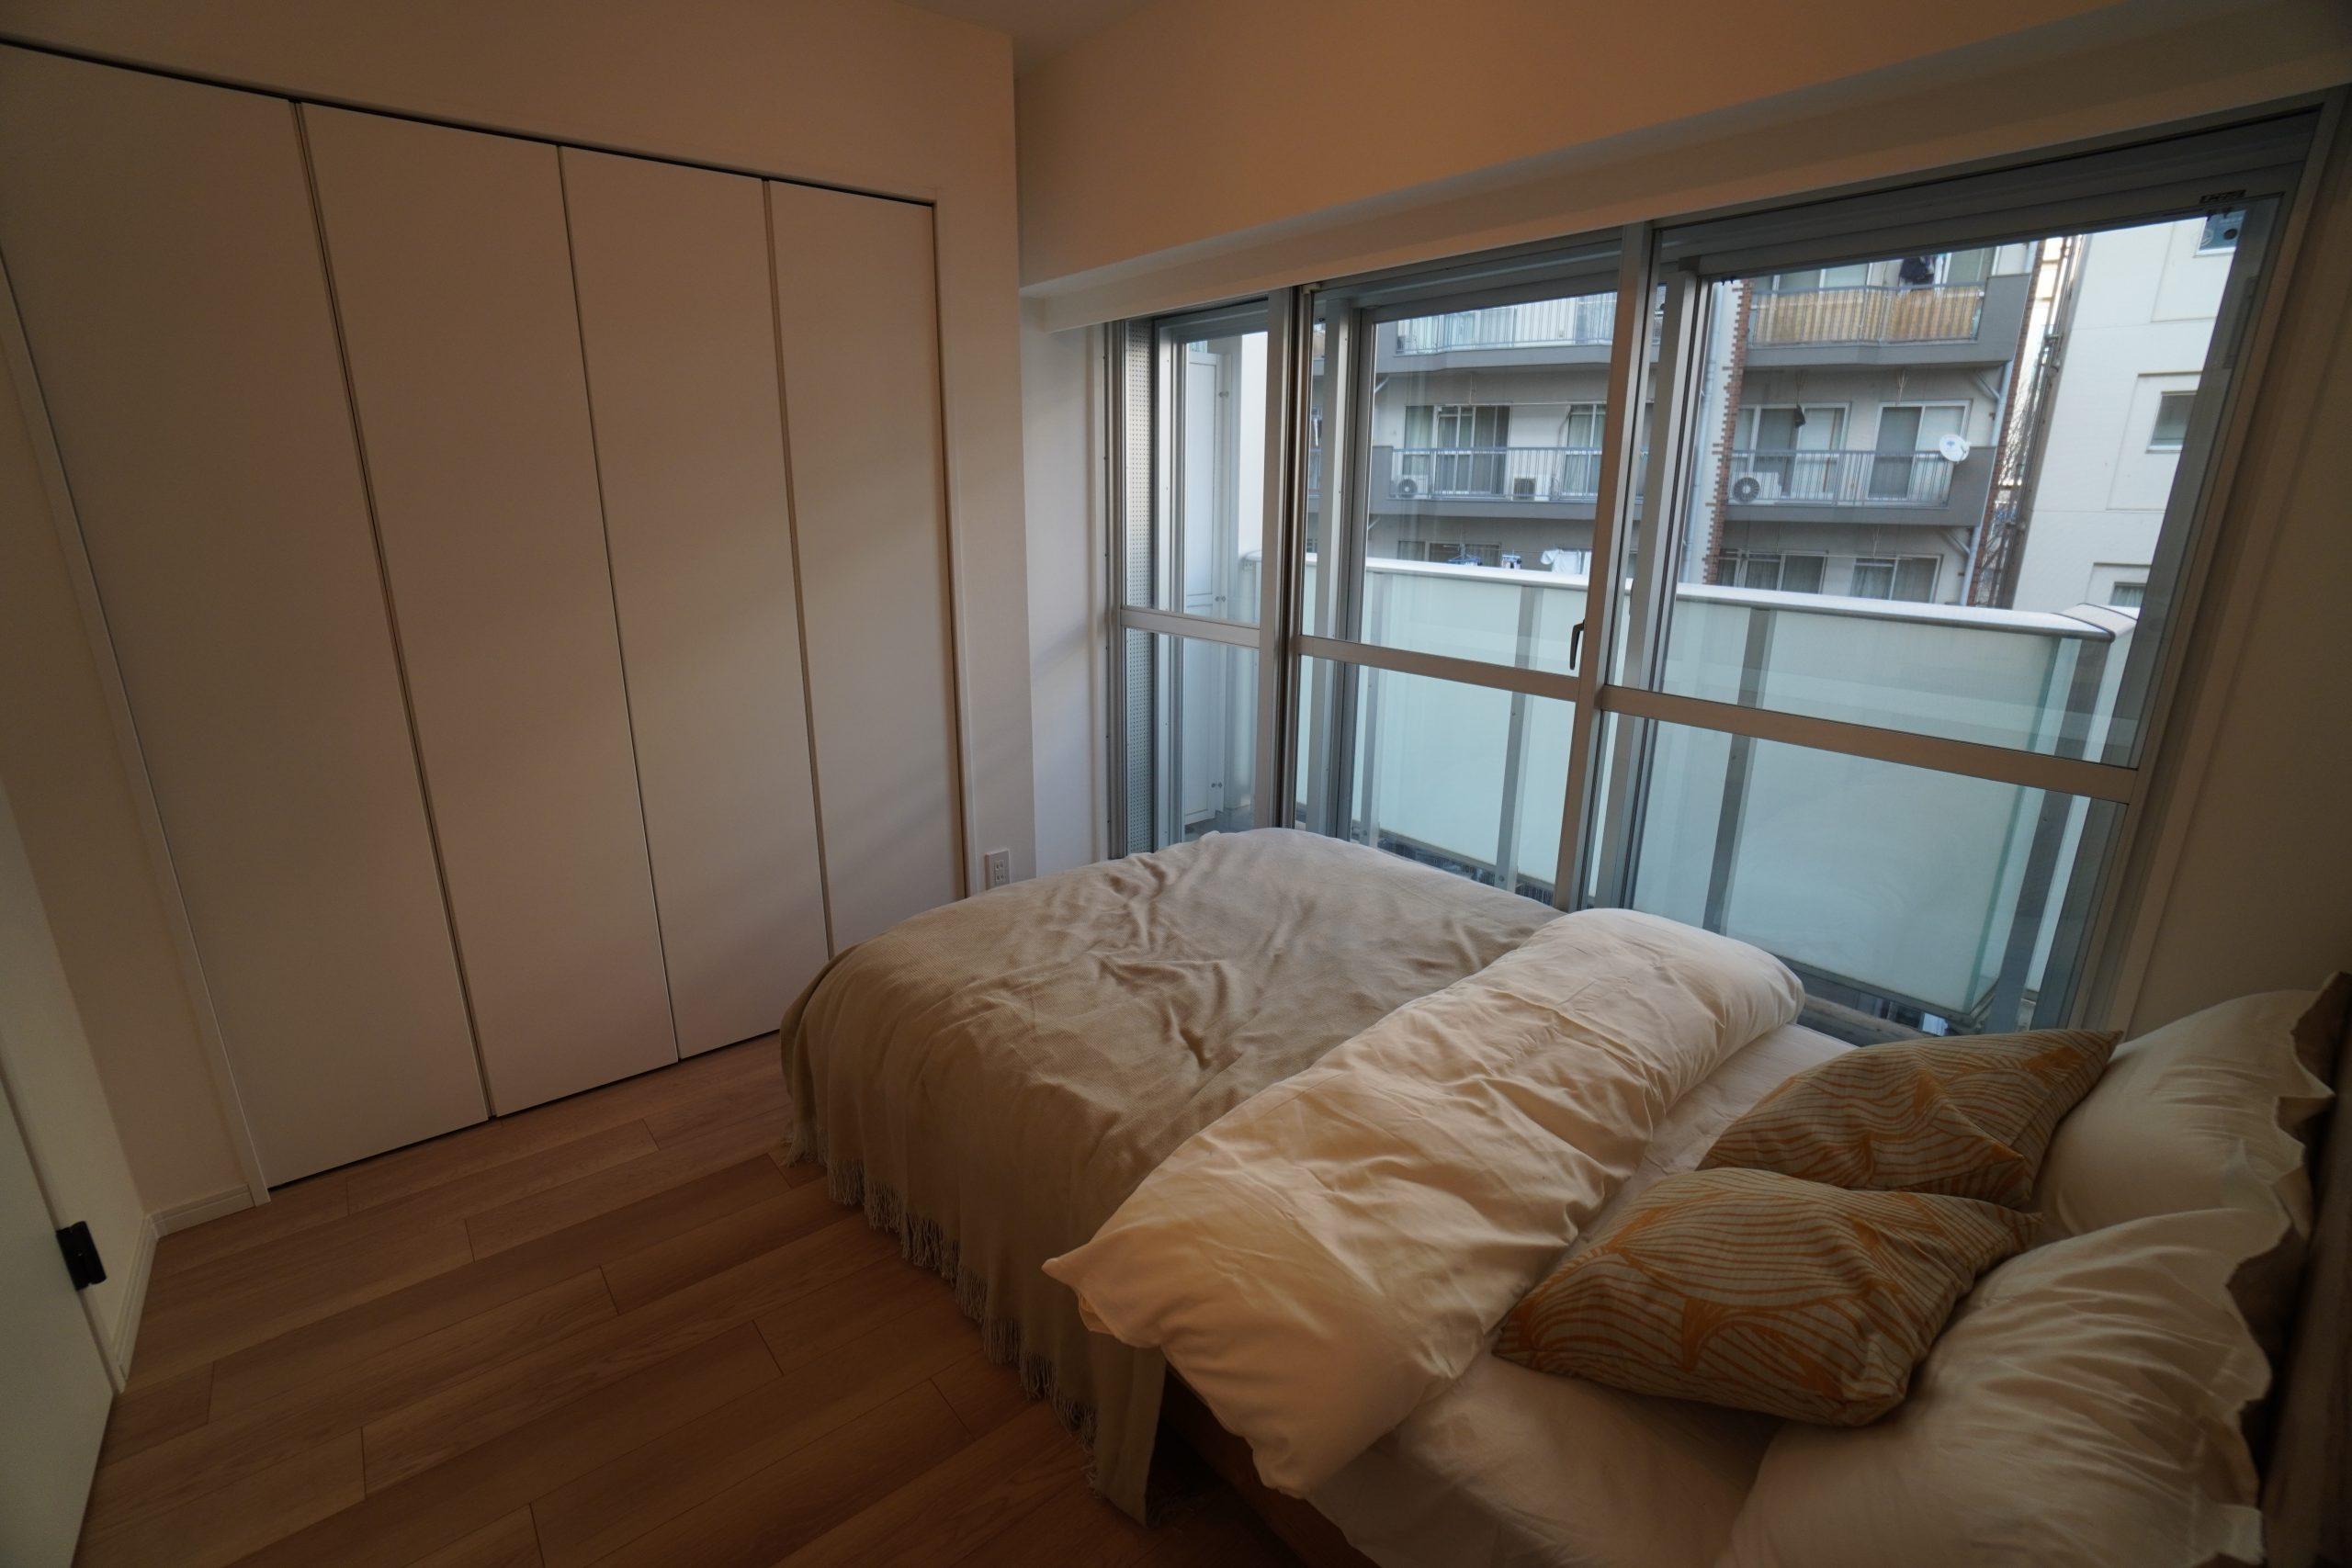 恵比寿スカイハイツ 413号室の写真7